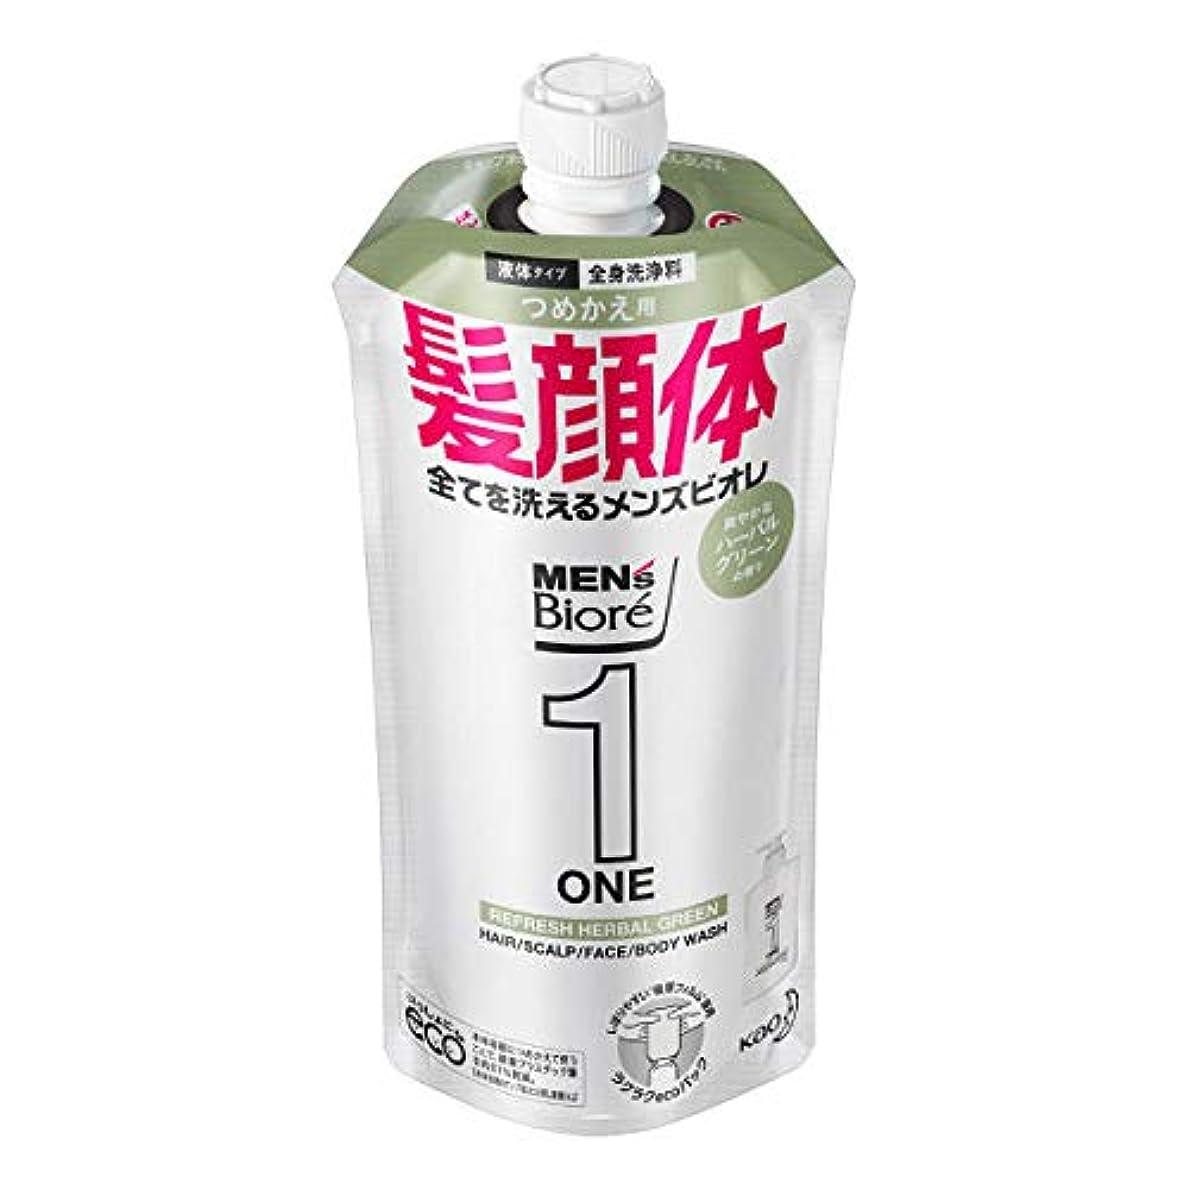 メトロポリタン馬力フルートメンズビオレONE オールインワン全身洗浄料 爽やかなハーブルグリーンの香り つめかえ用 340mL